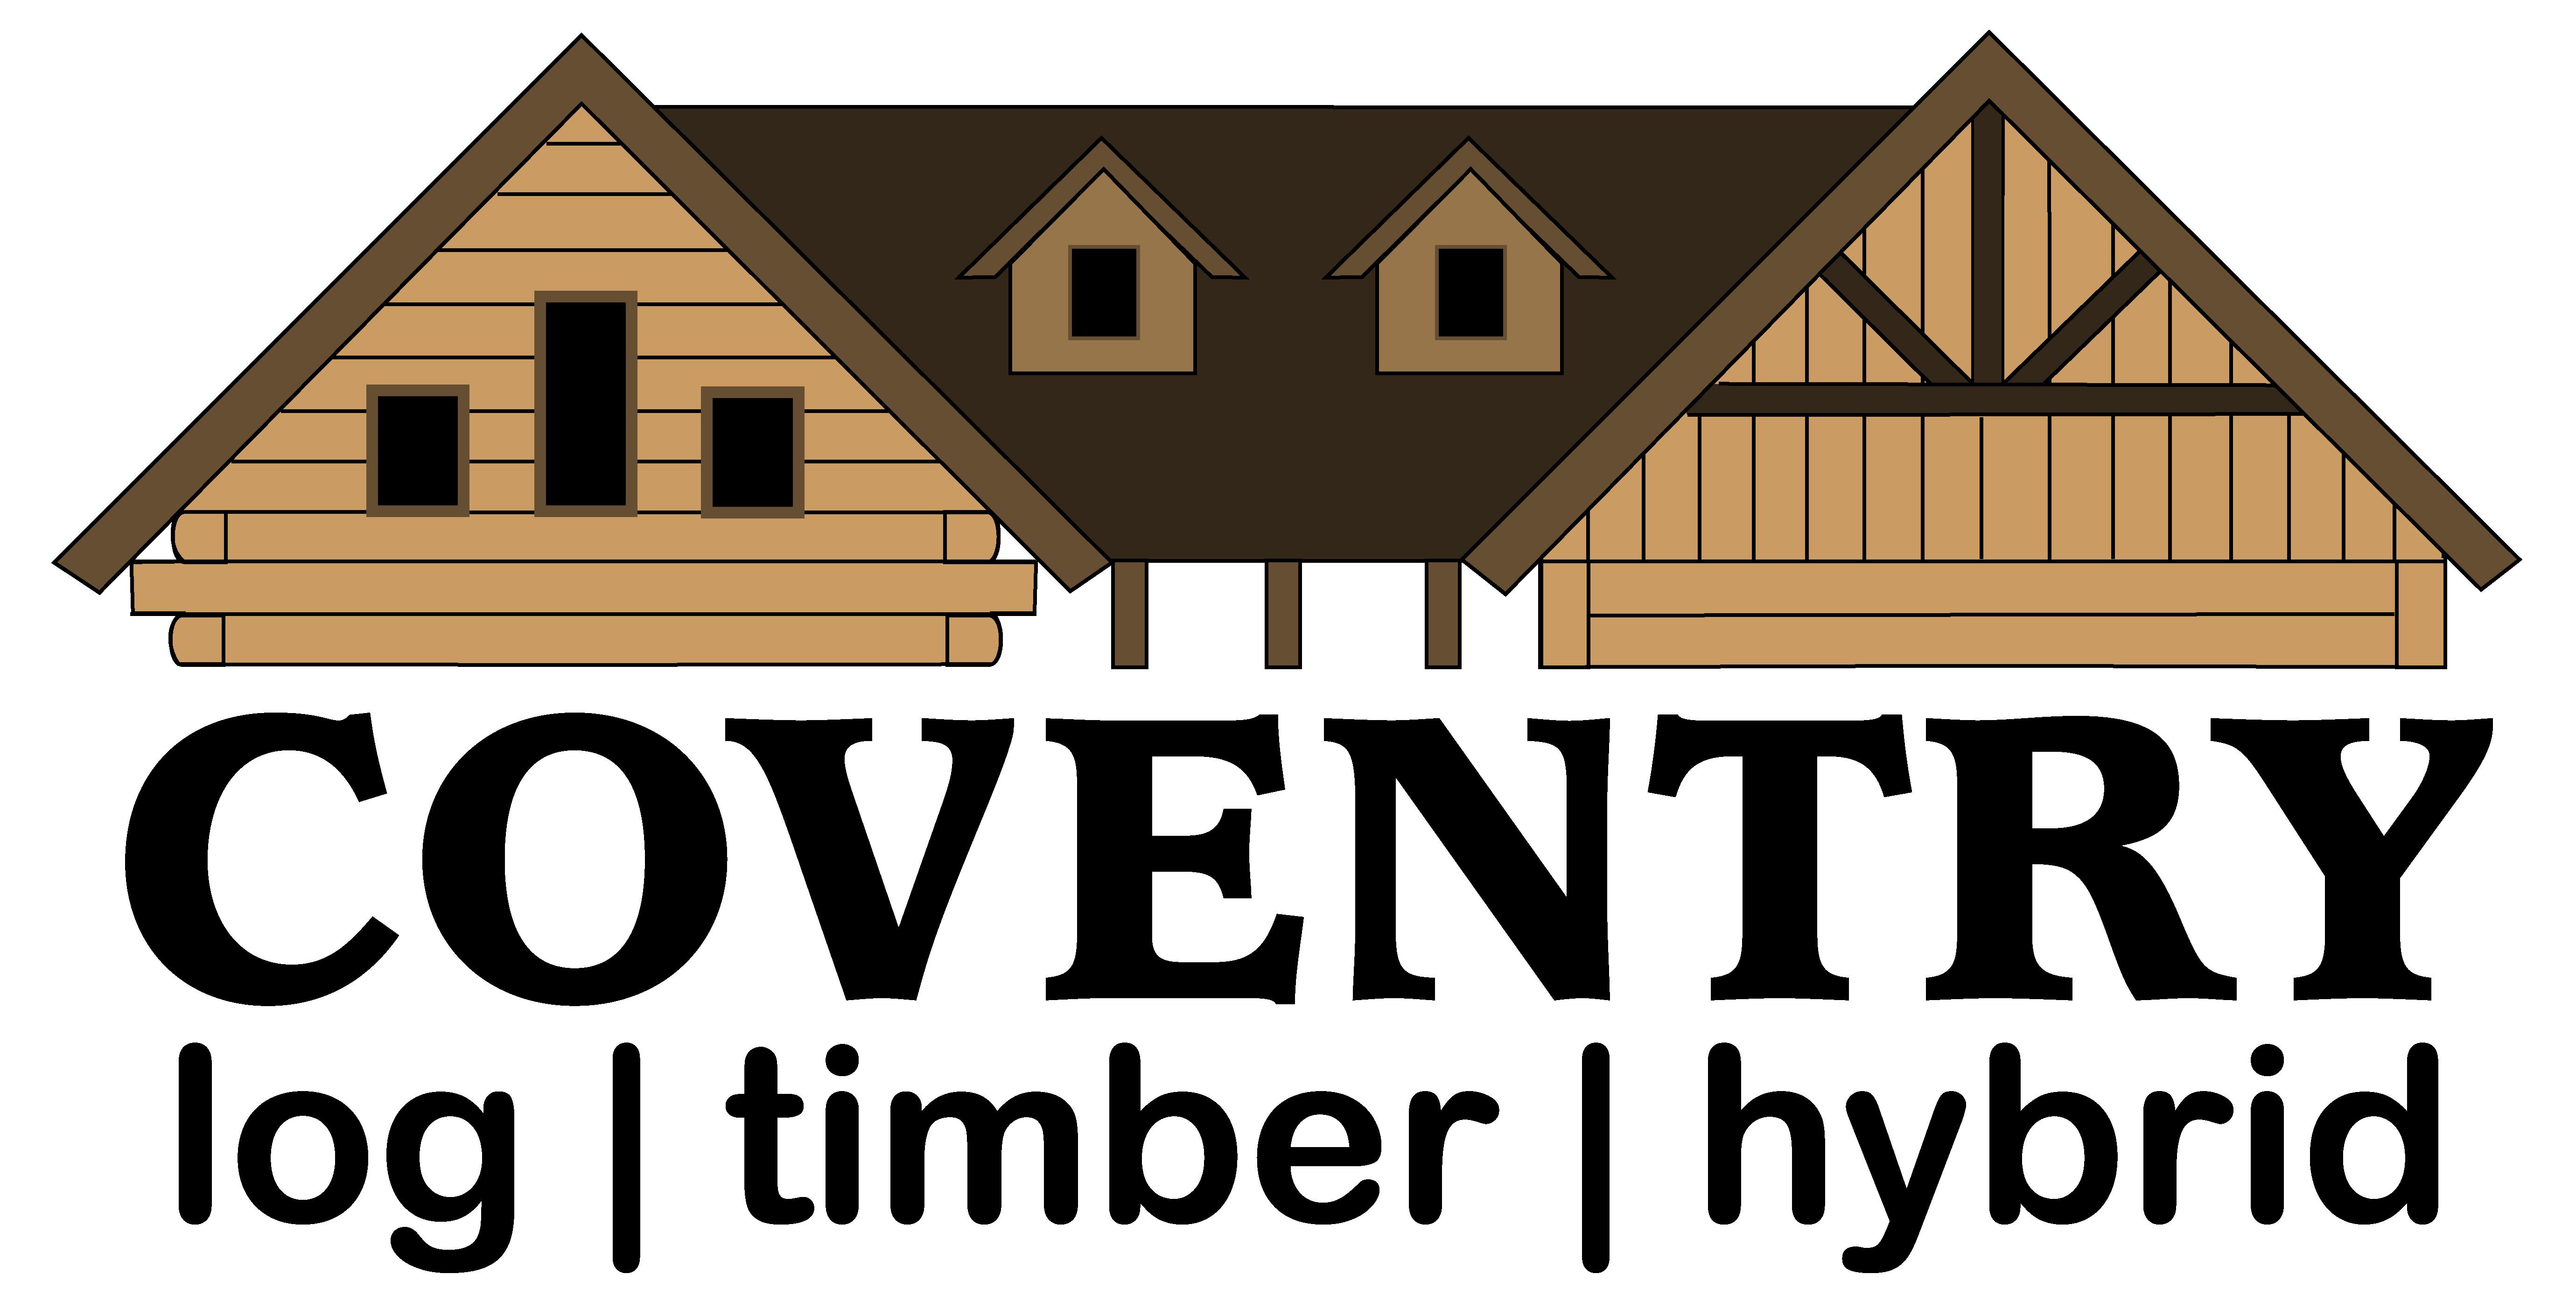 Promo Log Coventry Logo 250X114 2018 04 24 15 31